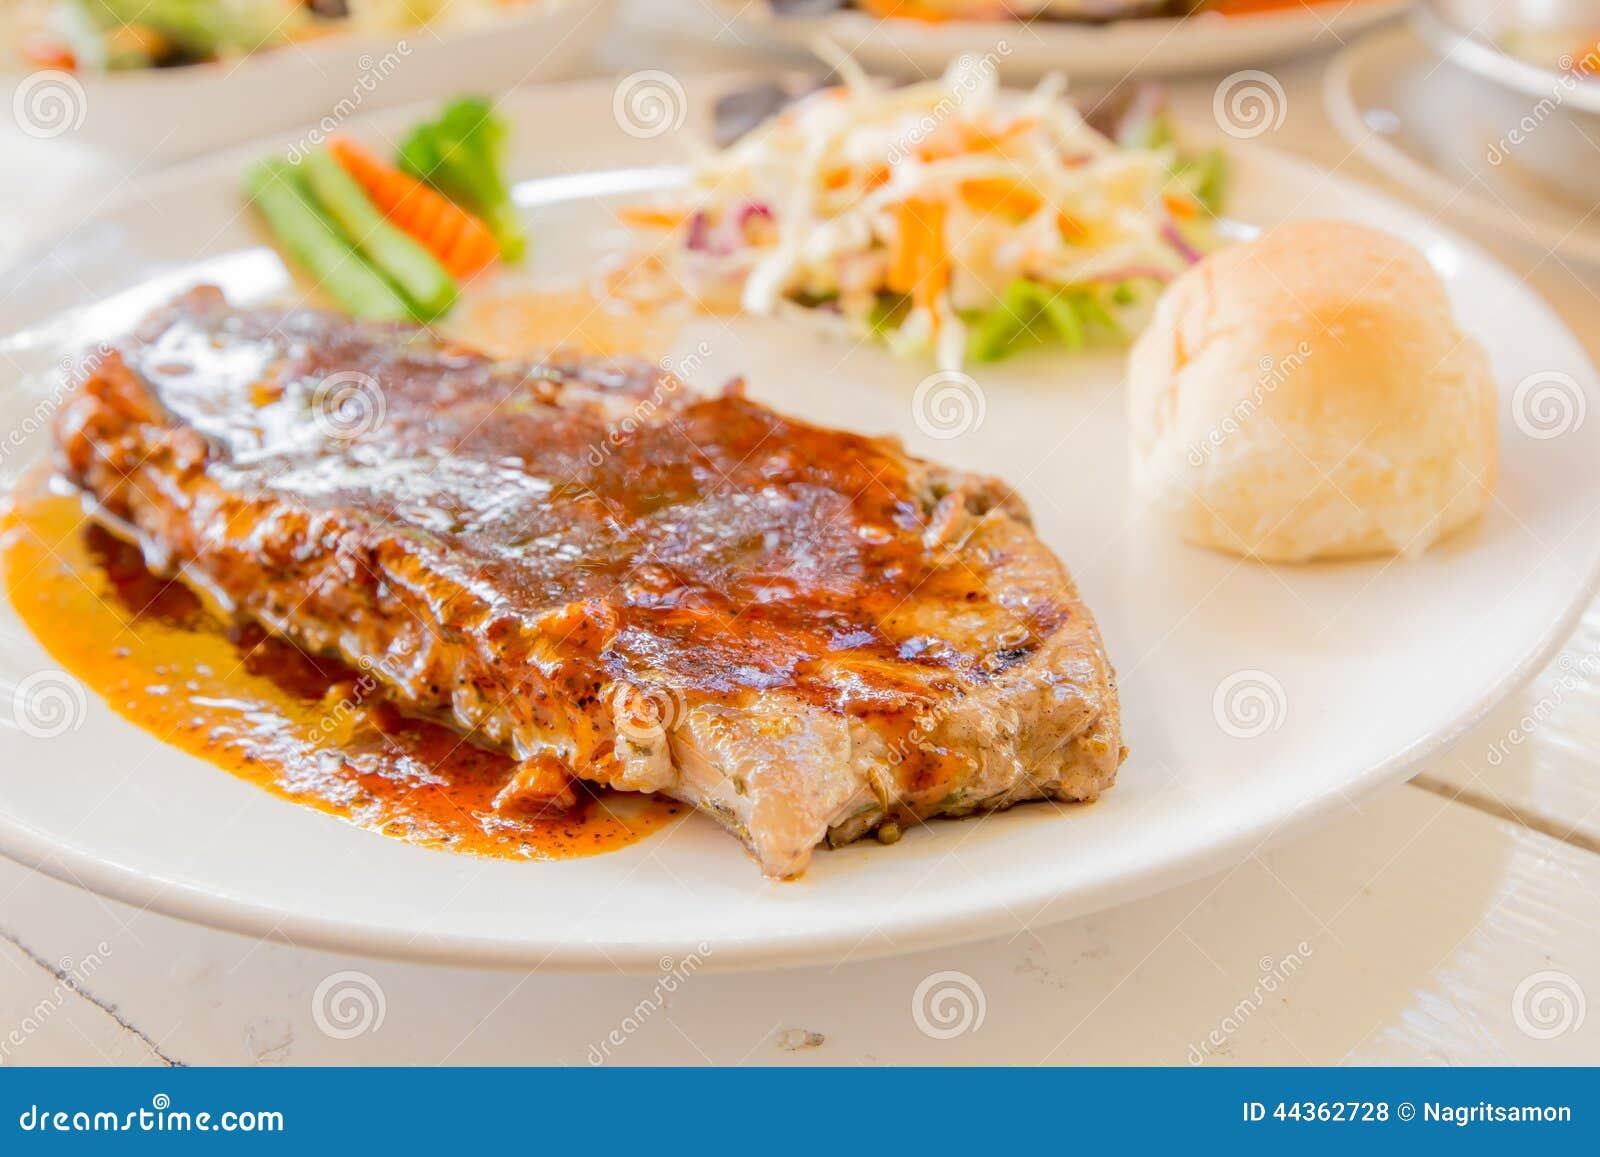 Grillad biff-, bröd- och grönsaksallad